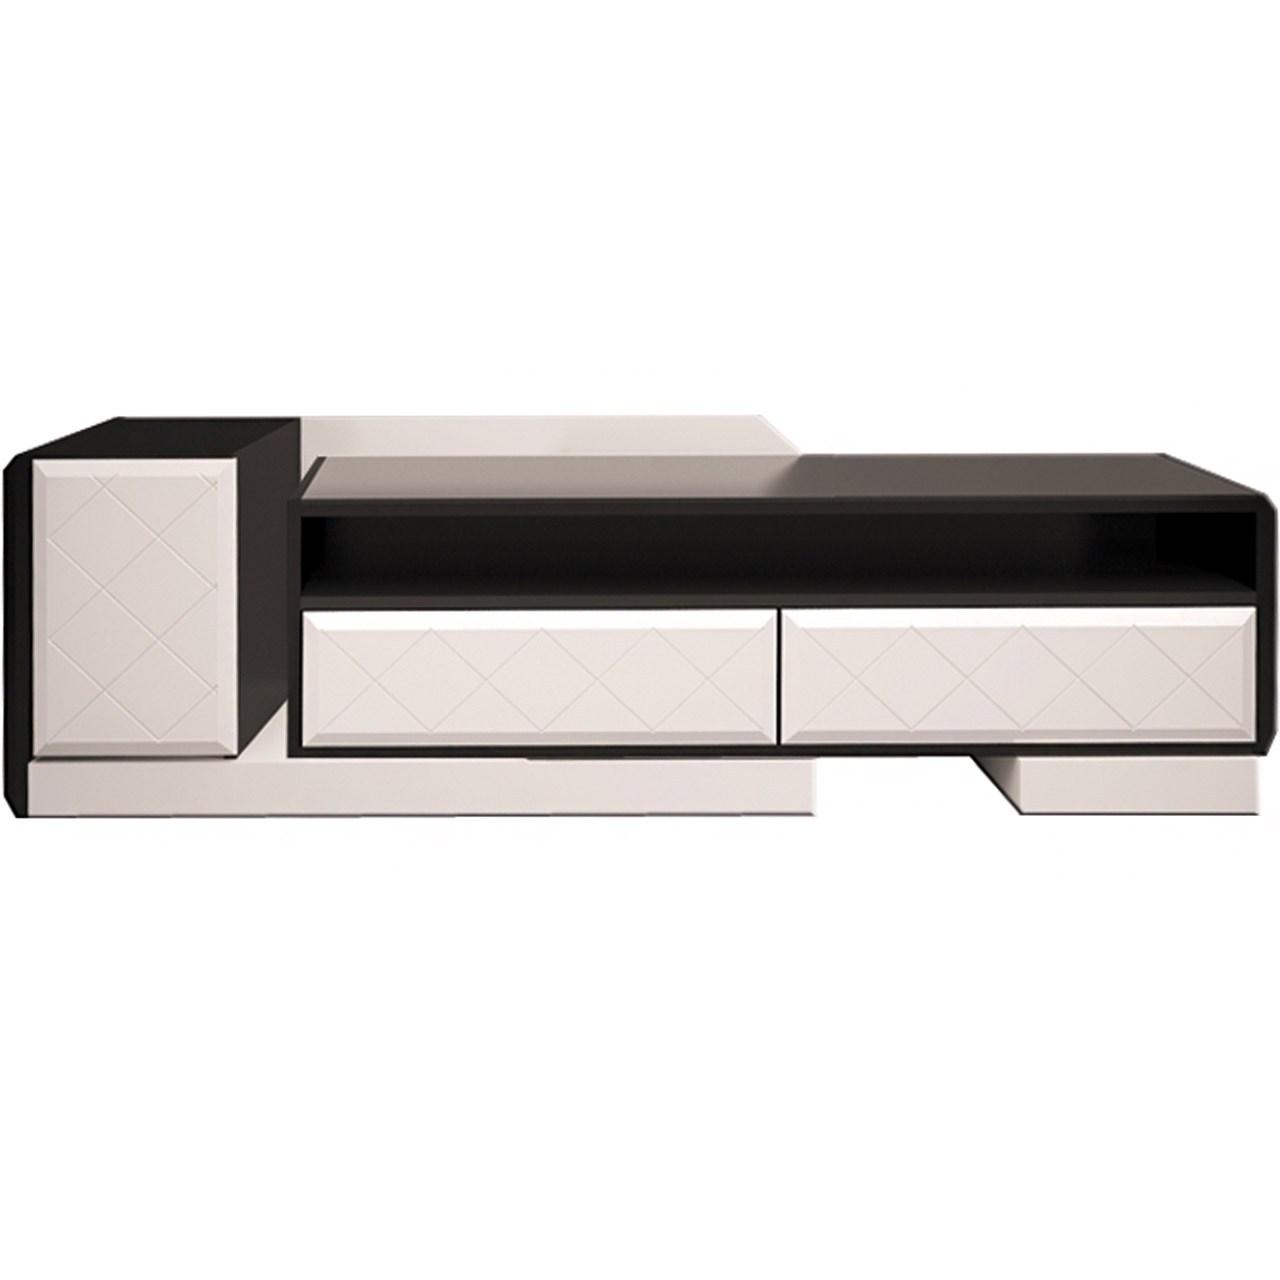 میز تلویزیون سام میت مدل 4601